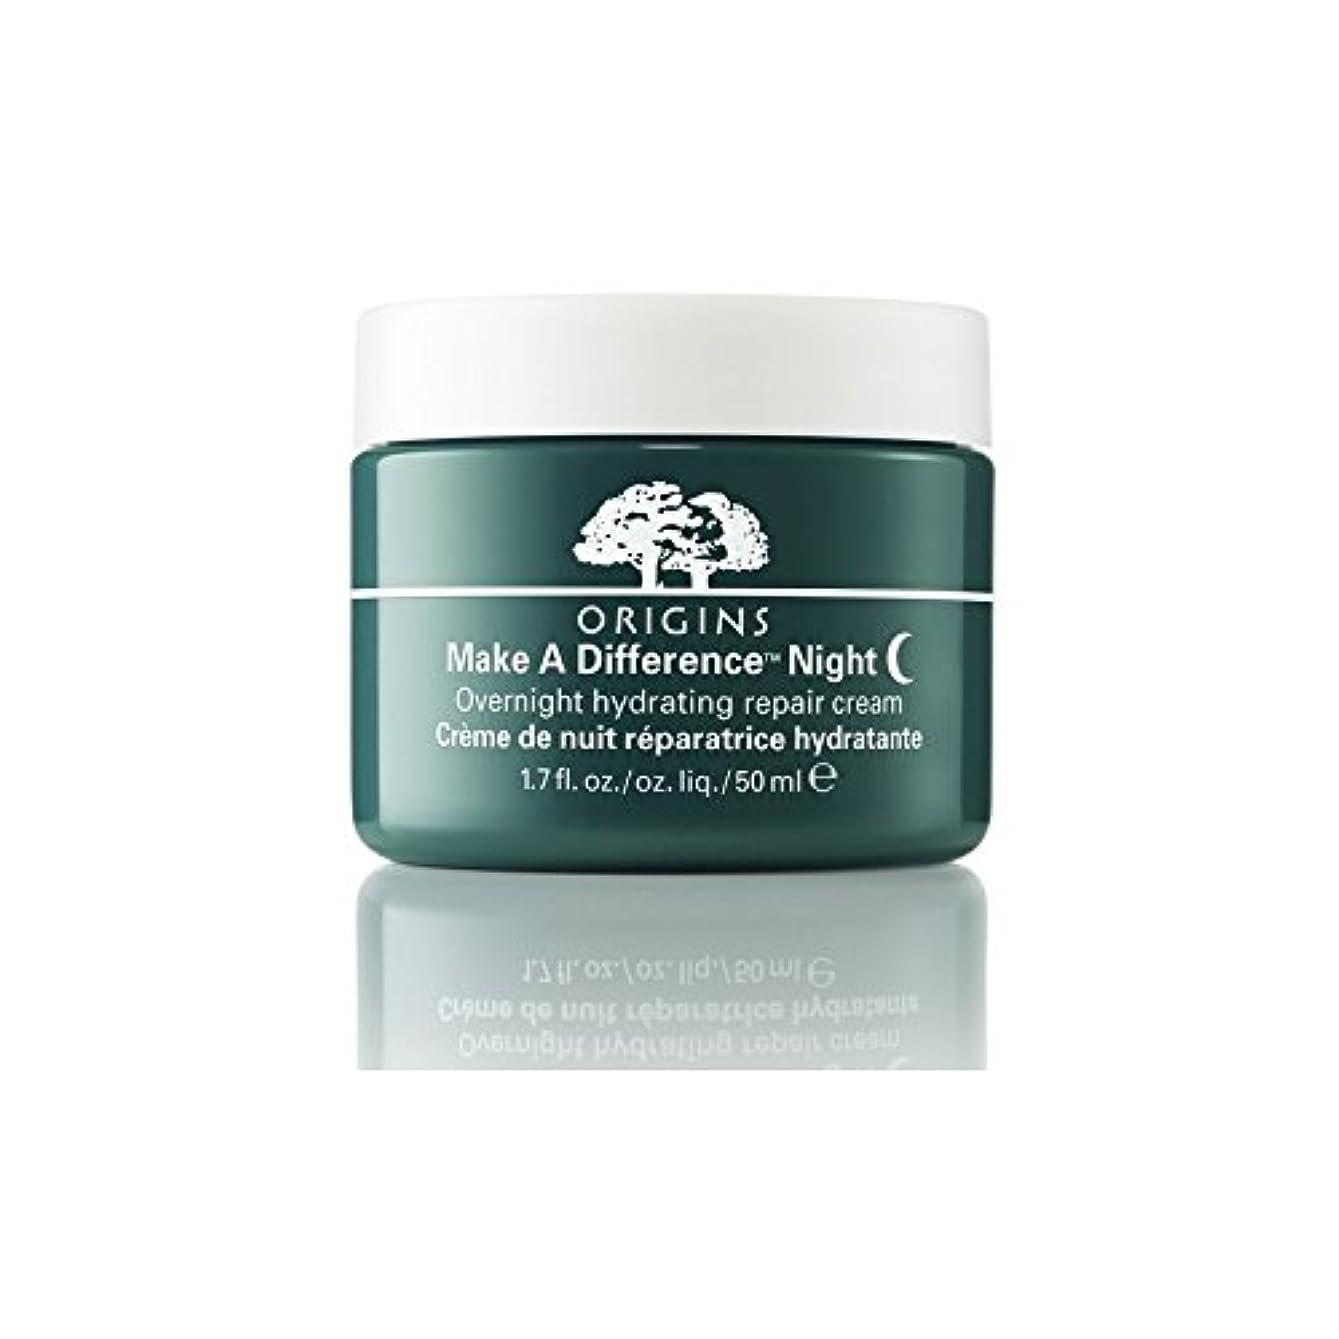 避難従事するケーブルOrigins Make A Difference Overnight Hydrating Repair Cream 50ml (Pack of 6) - 起源は違い、一晩水和リペアクリーム50ミリリットルを作ります x6 [並行輸入品]